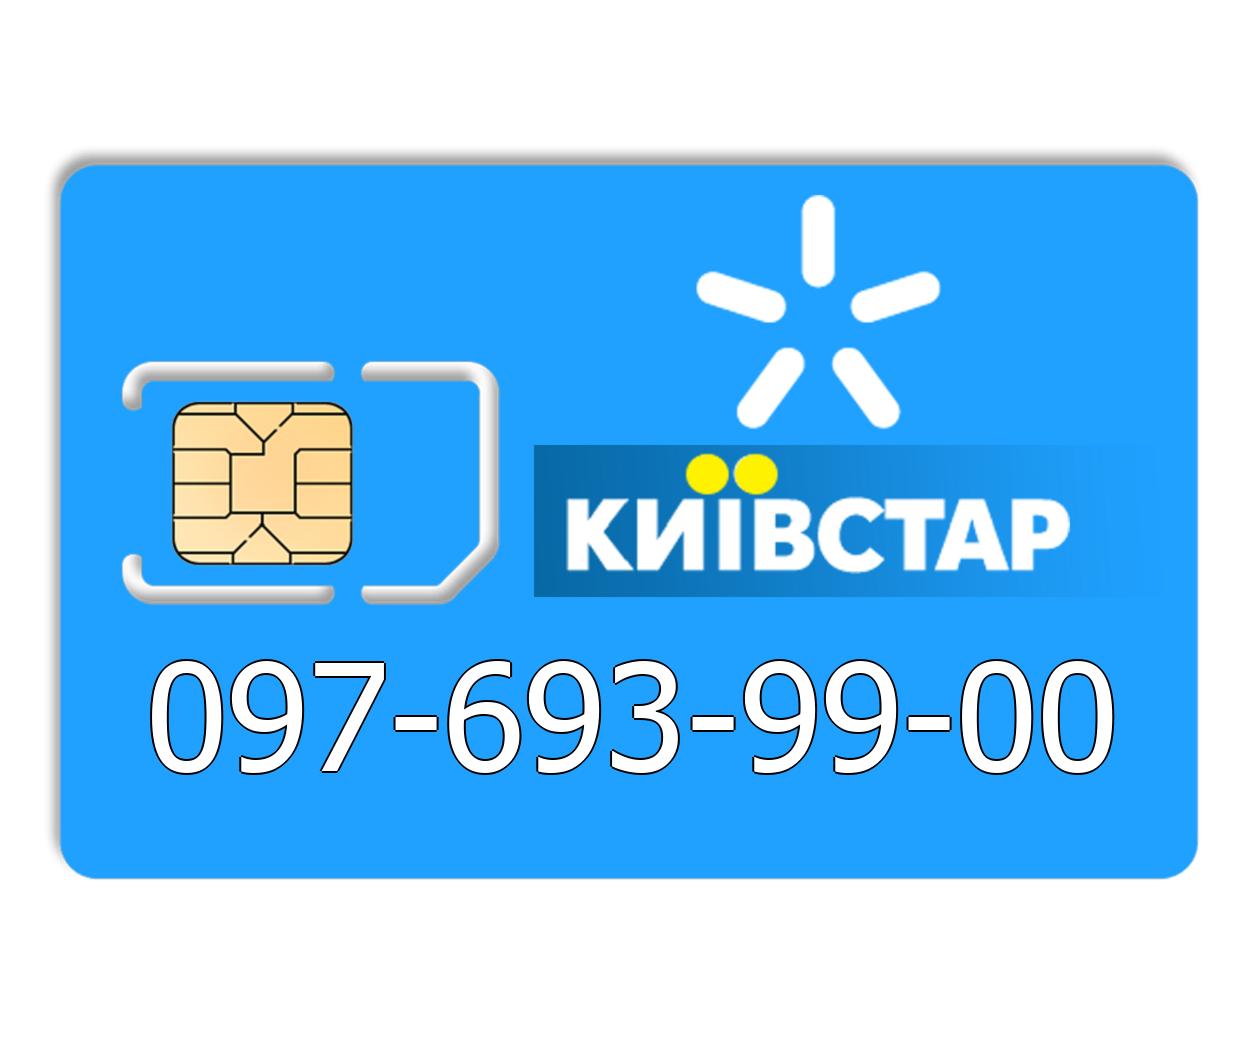 Красивый номер Киевстар 097-693-99-00